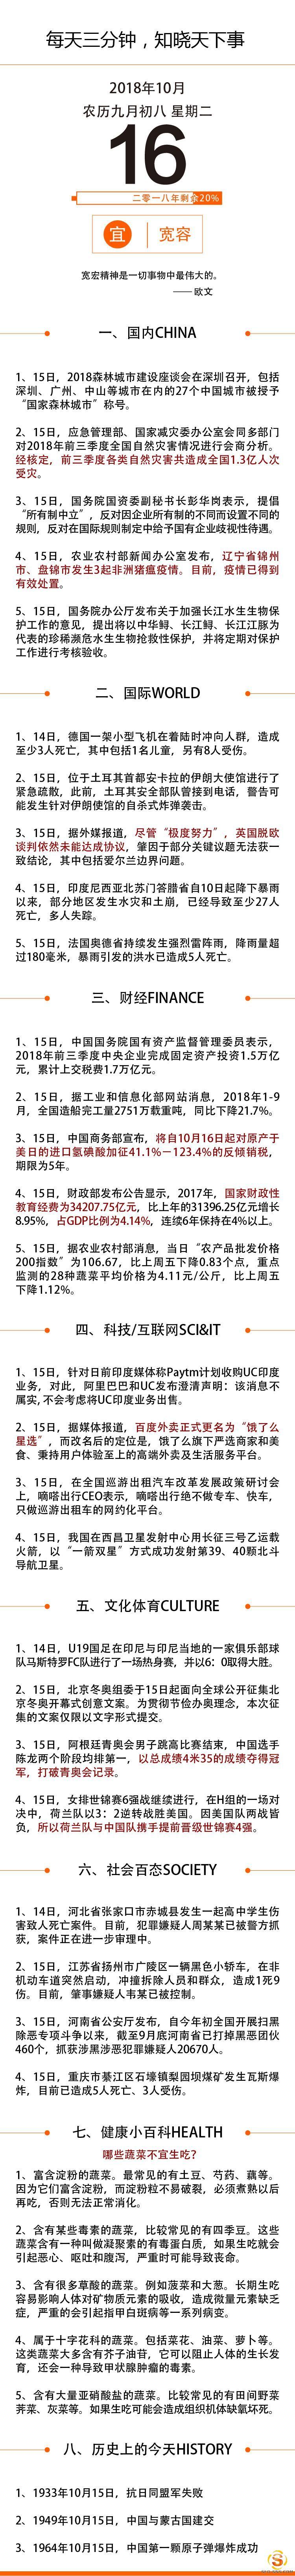 【网络营销顾问】2018年10月16日星期二国内外新闻资讯快报